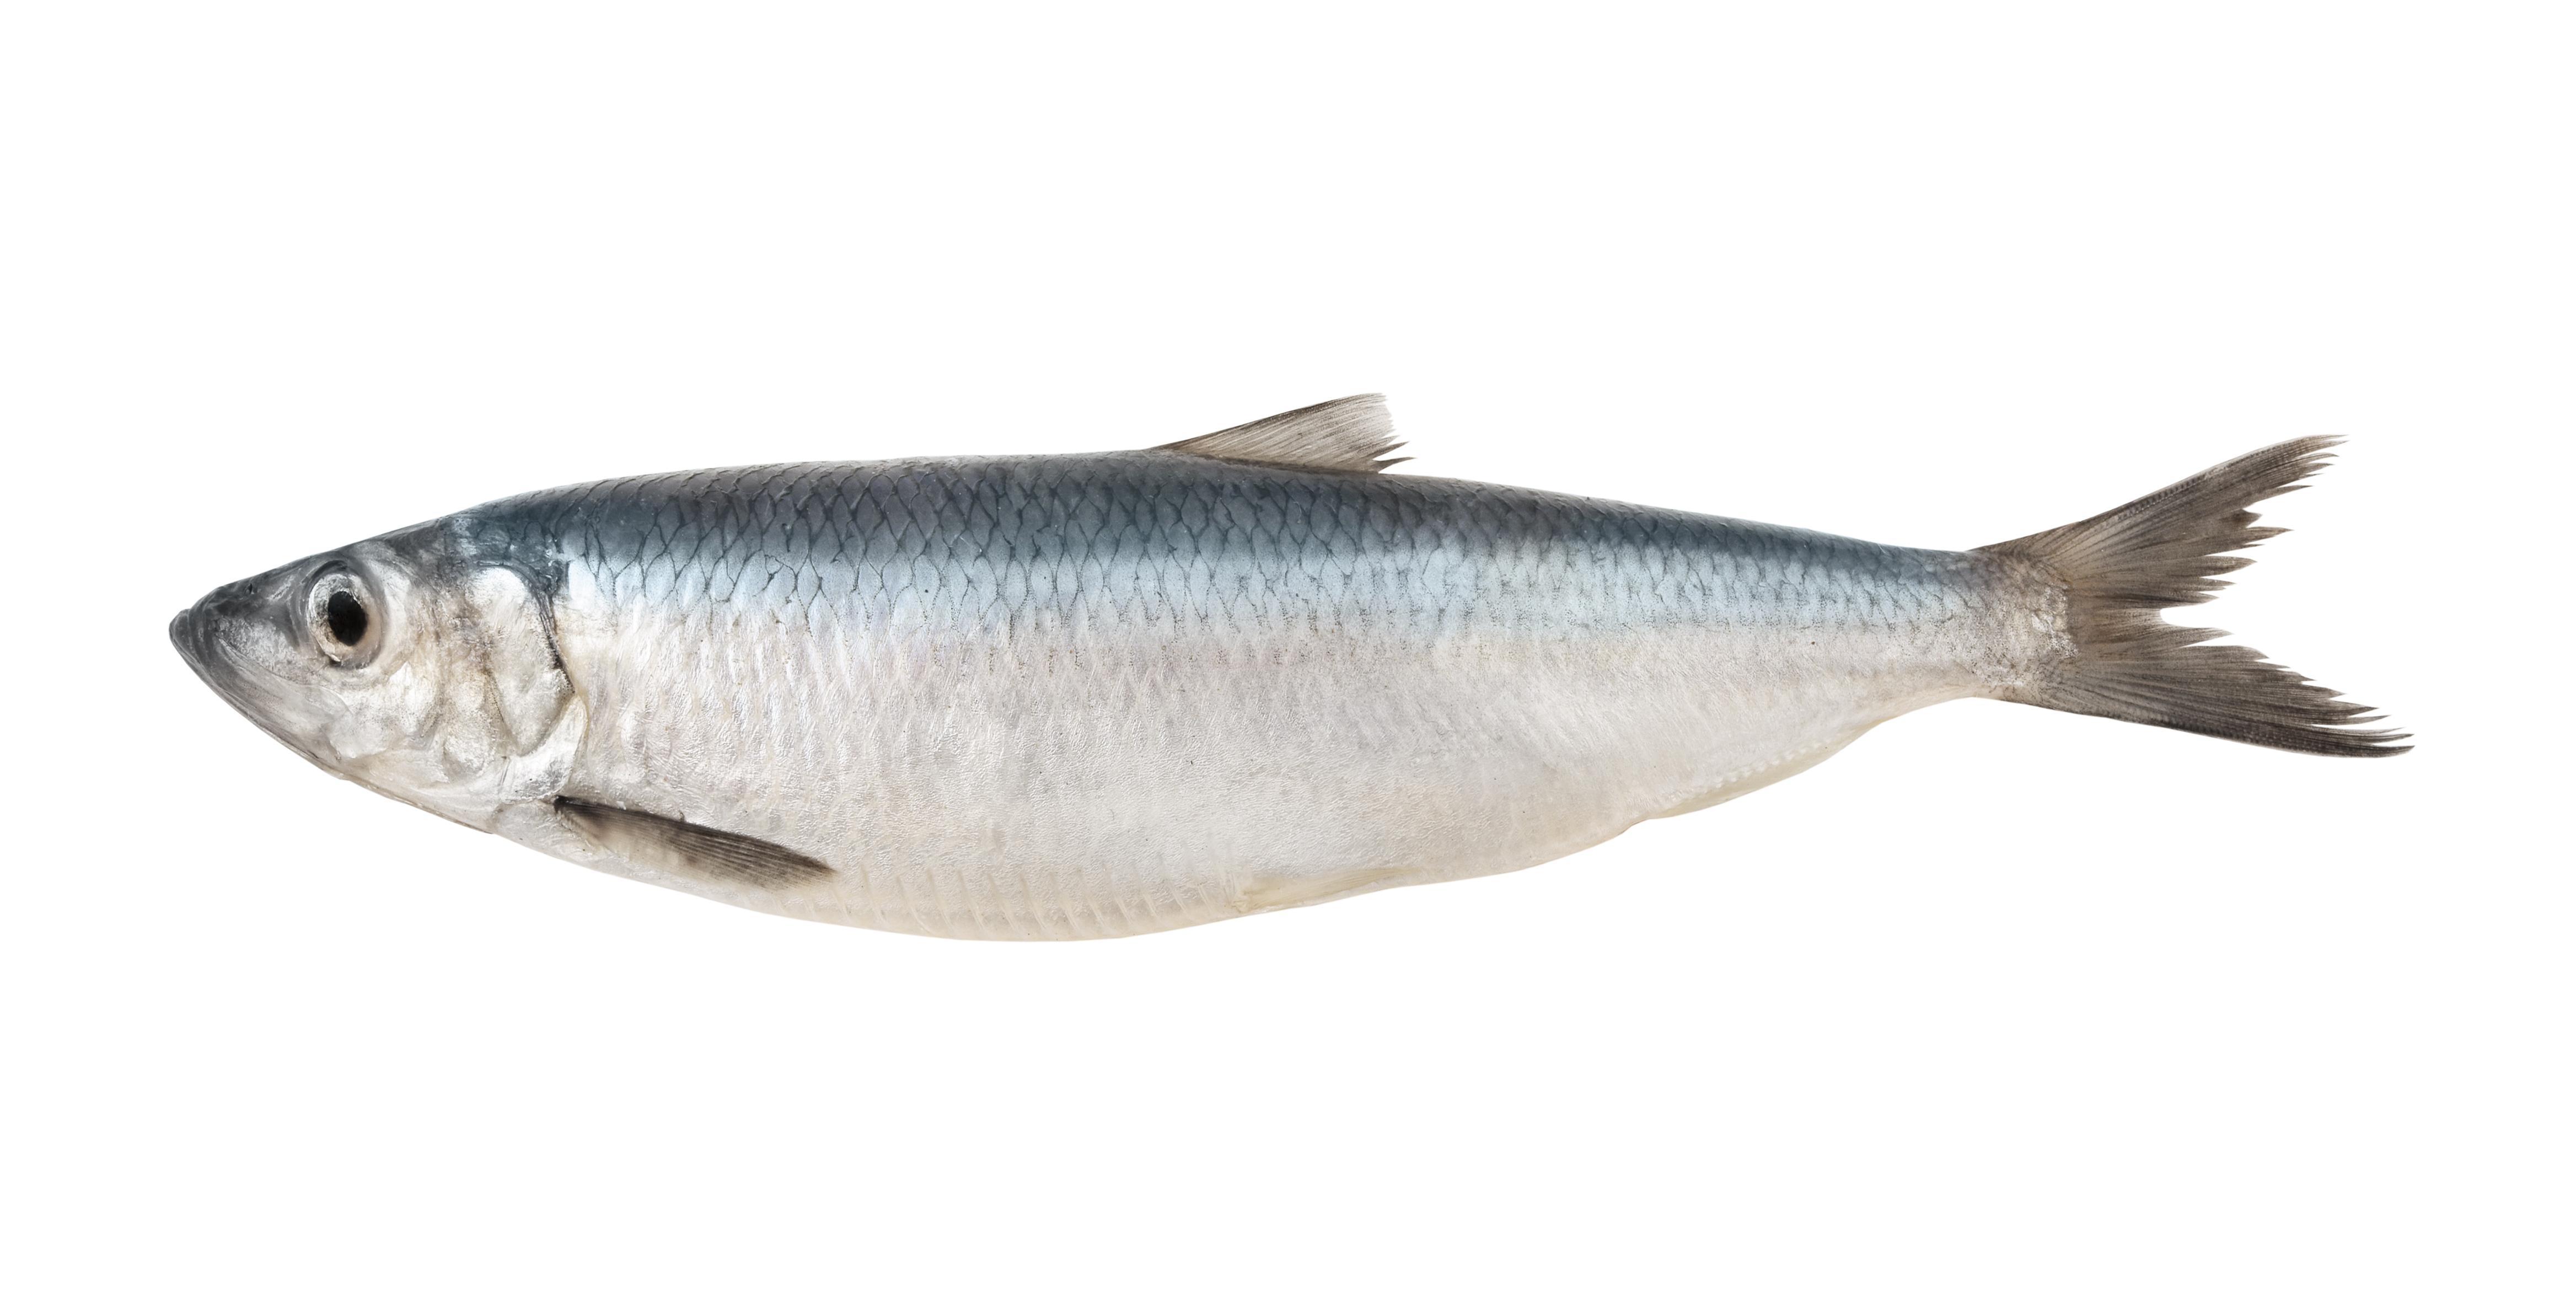 A herring